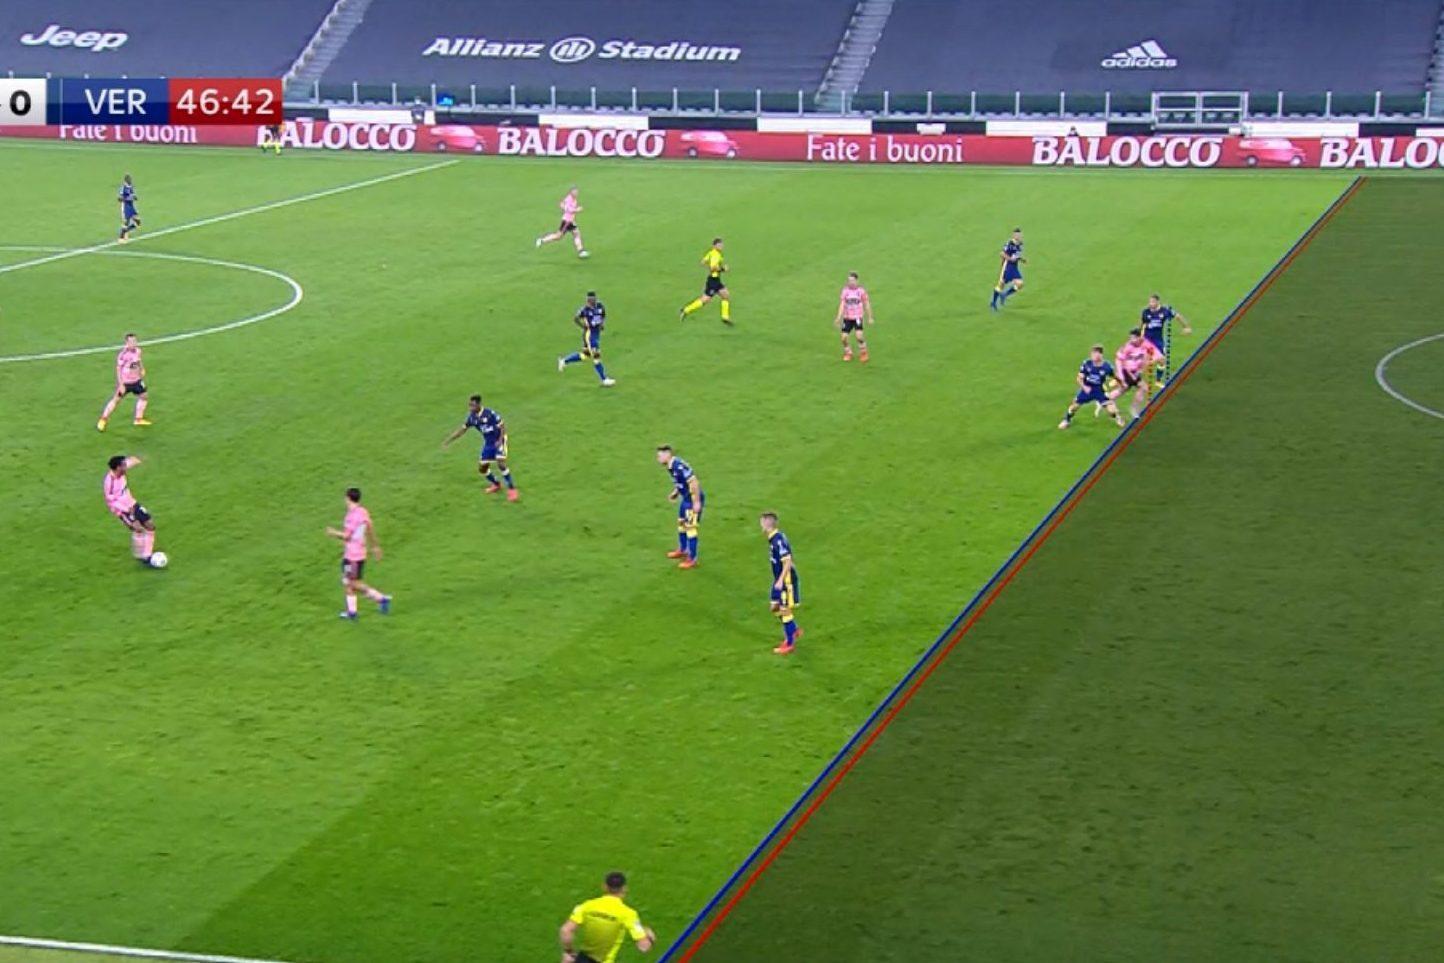 Verona vs Juventus | All Goals | PES 2019 - Gameplay - YouTube  |Juventus Verona